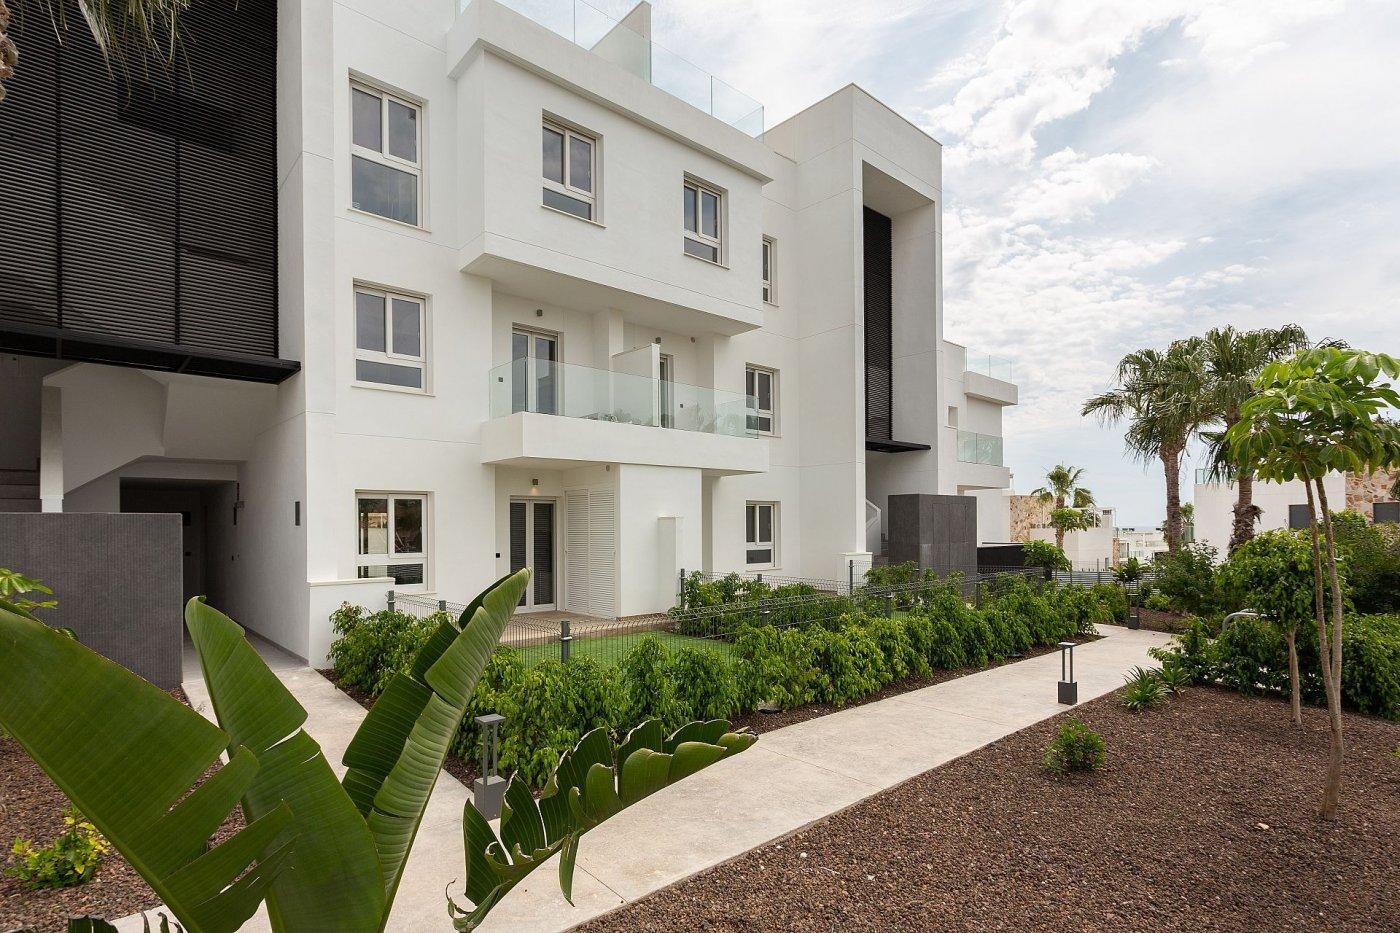 Complejo residencial de obra nueva en punta prima - imagenInmueble1